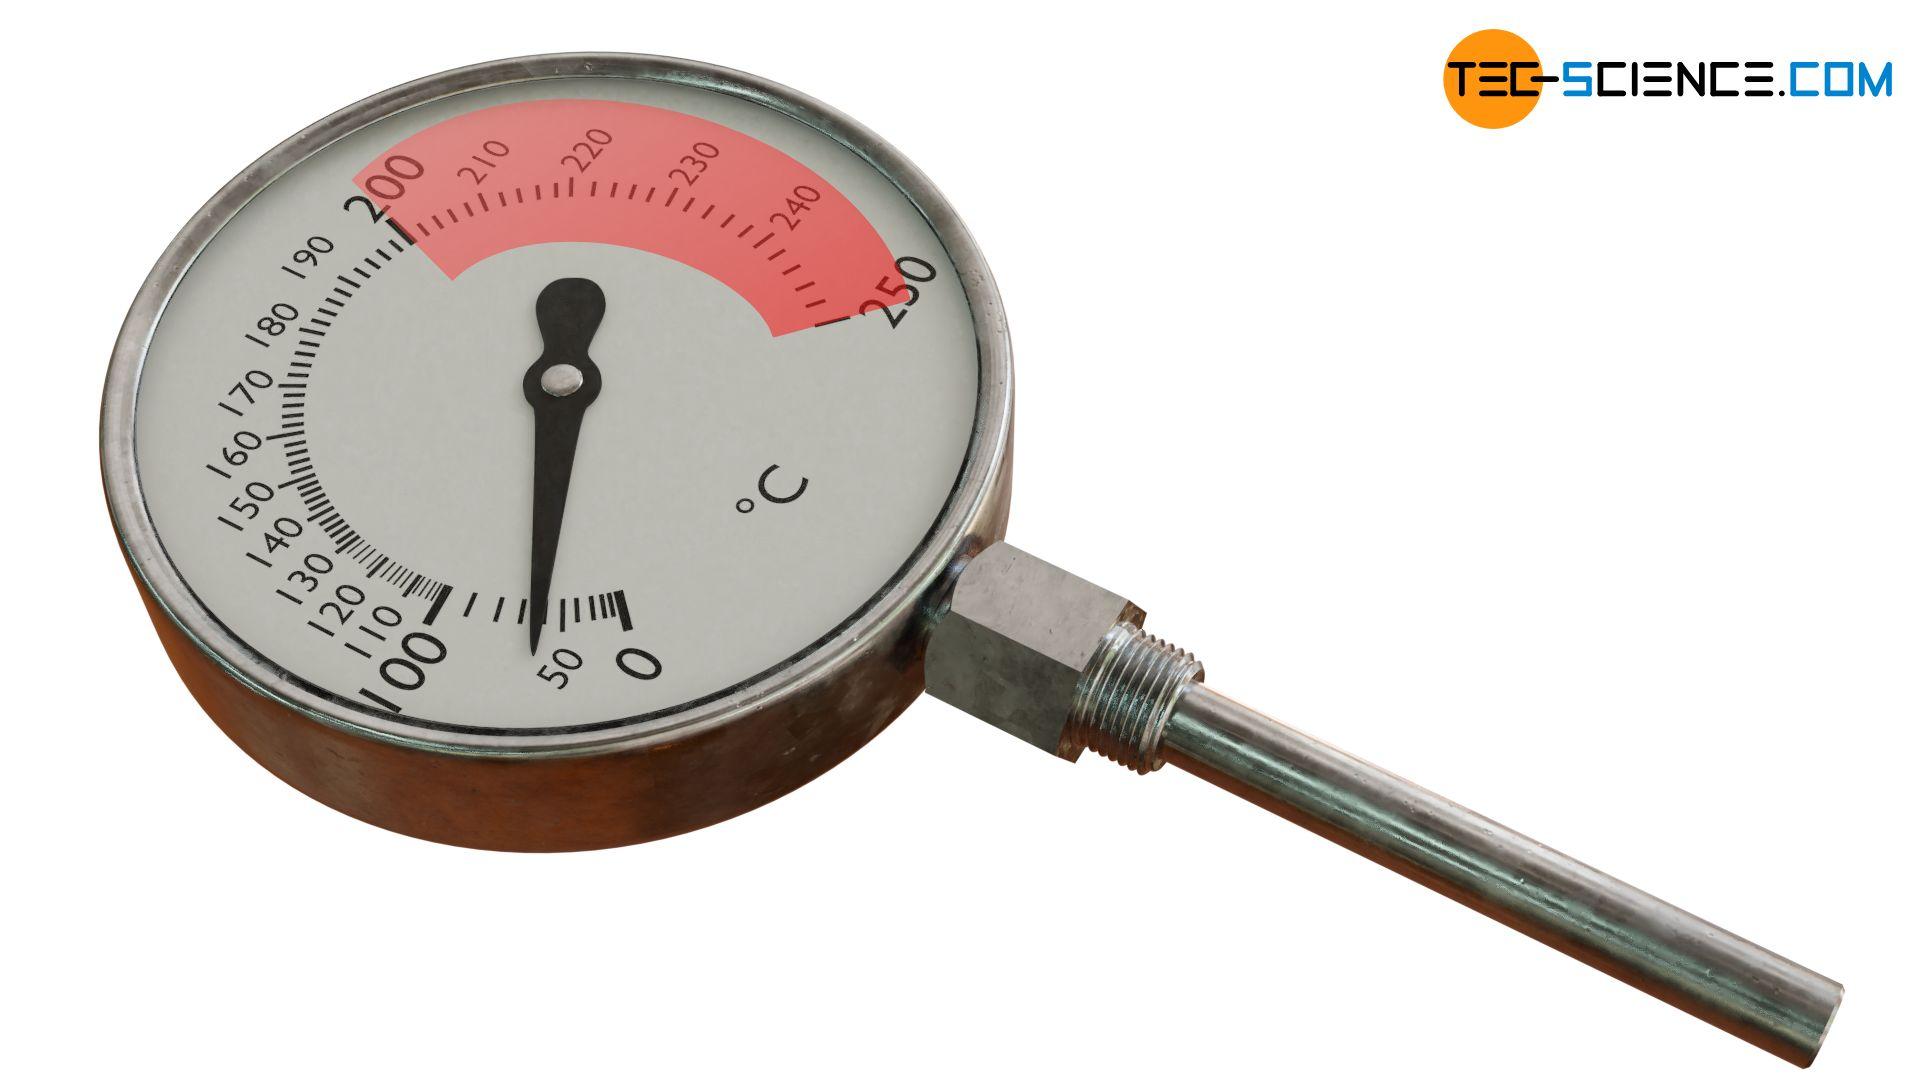 Empfohlener Messbereich eines Dampfdruck-Federthermometer